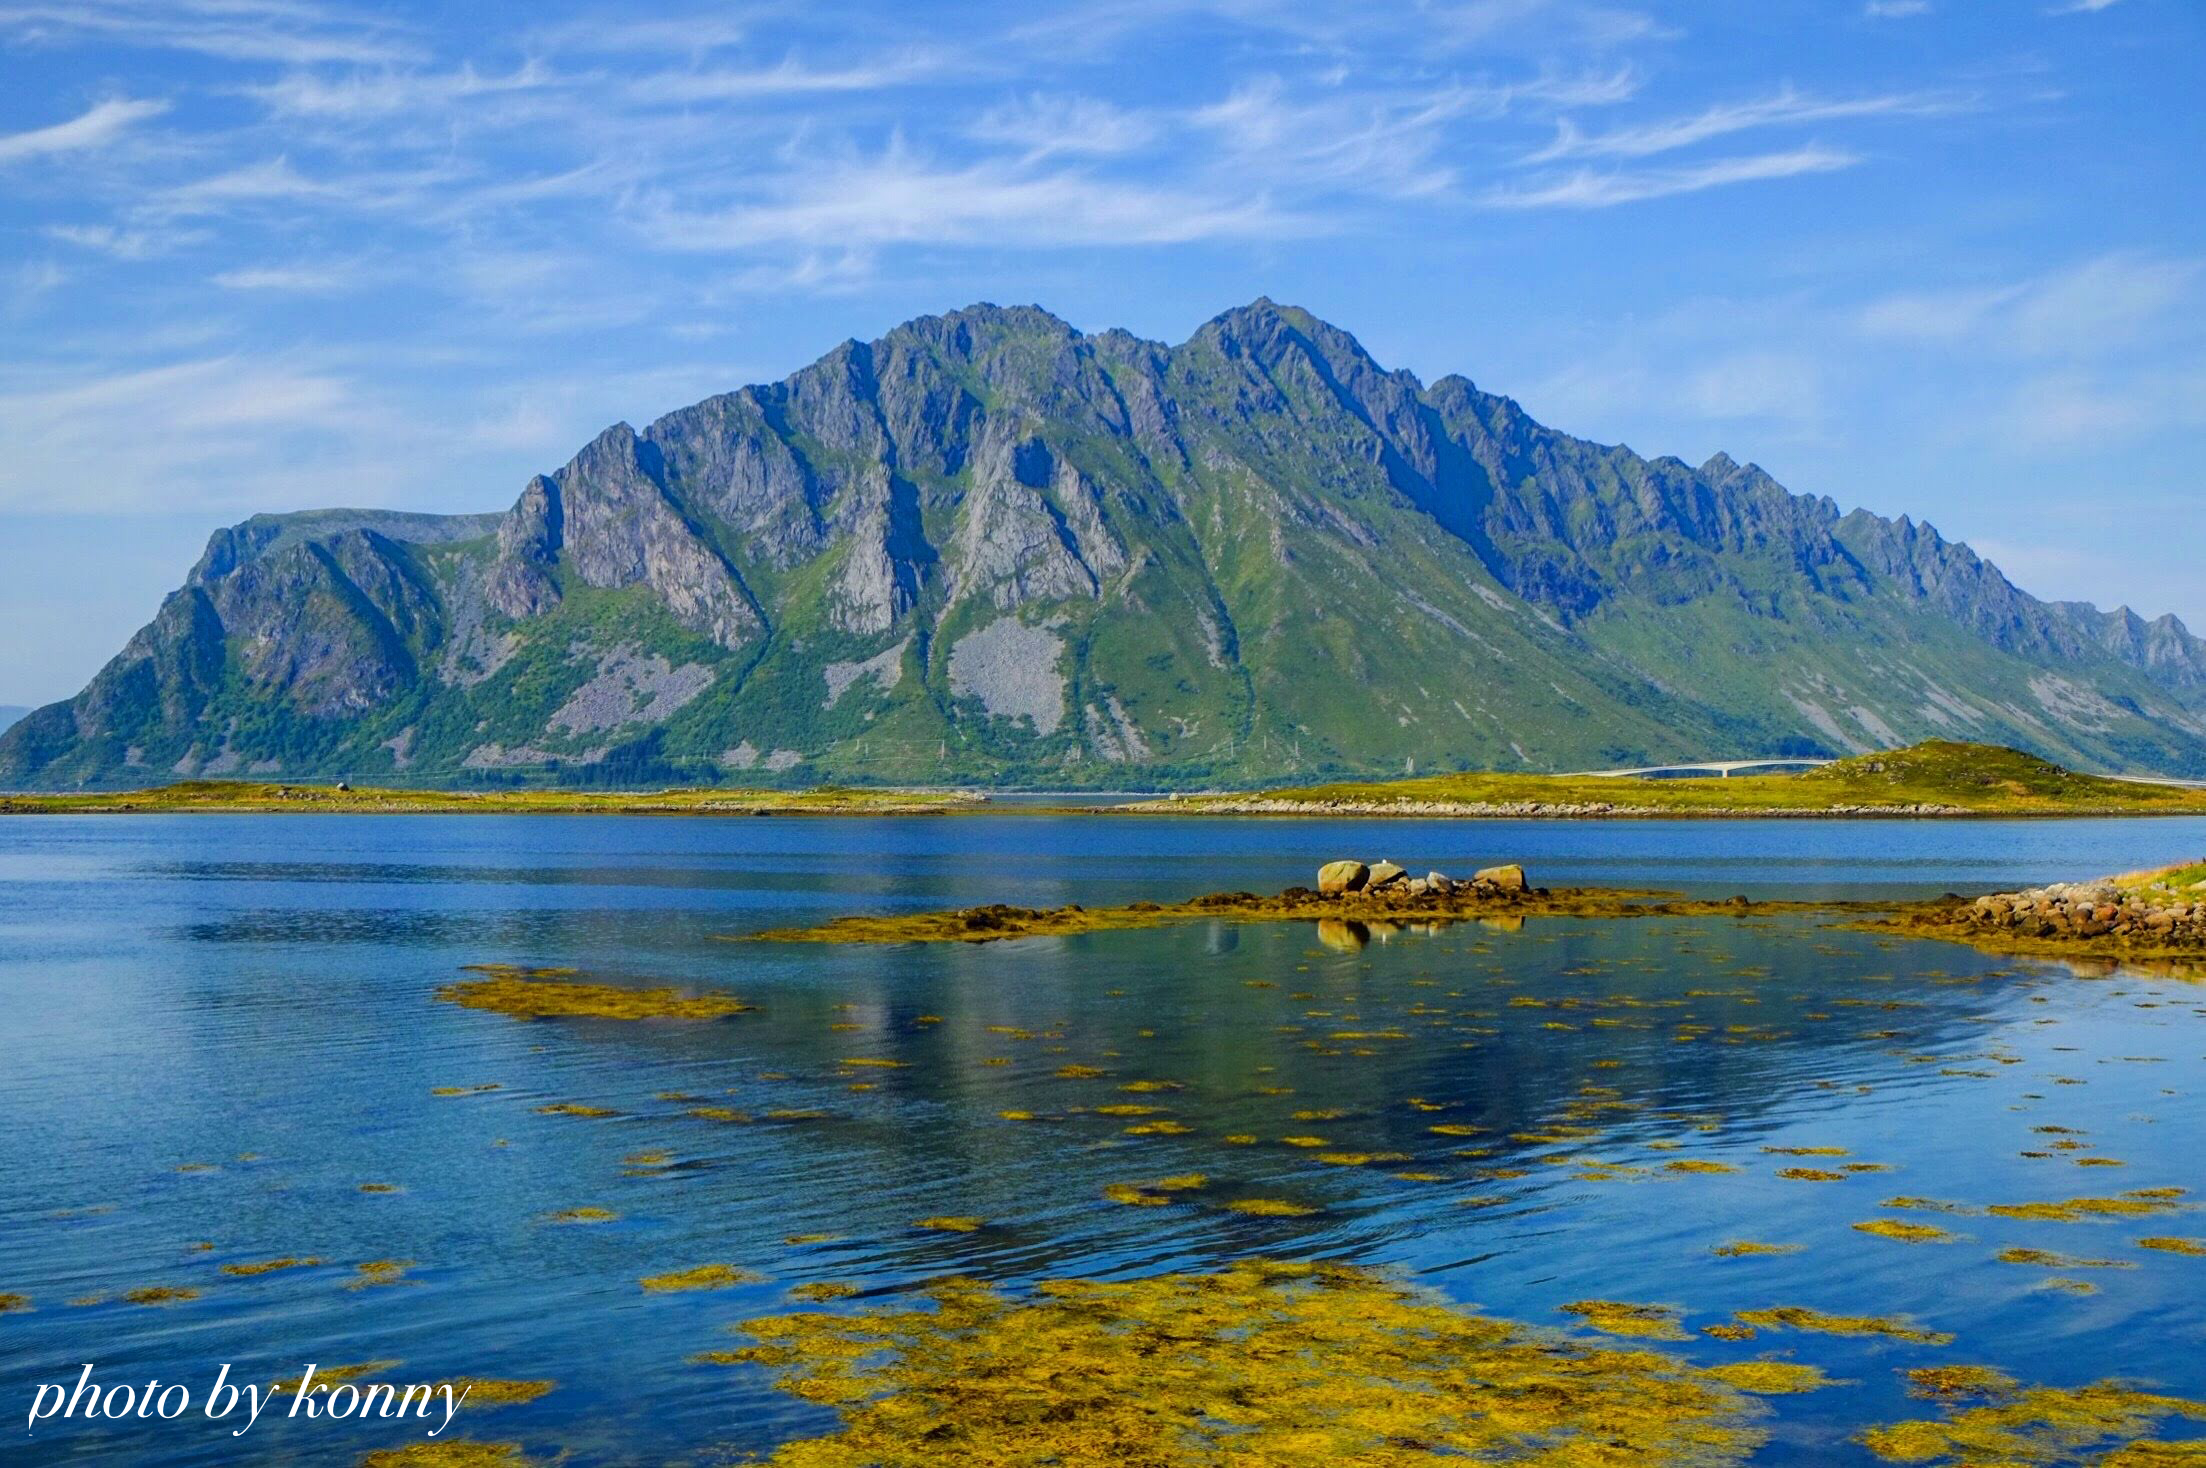 ノルウェー ロフォーテン諸島